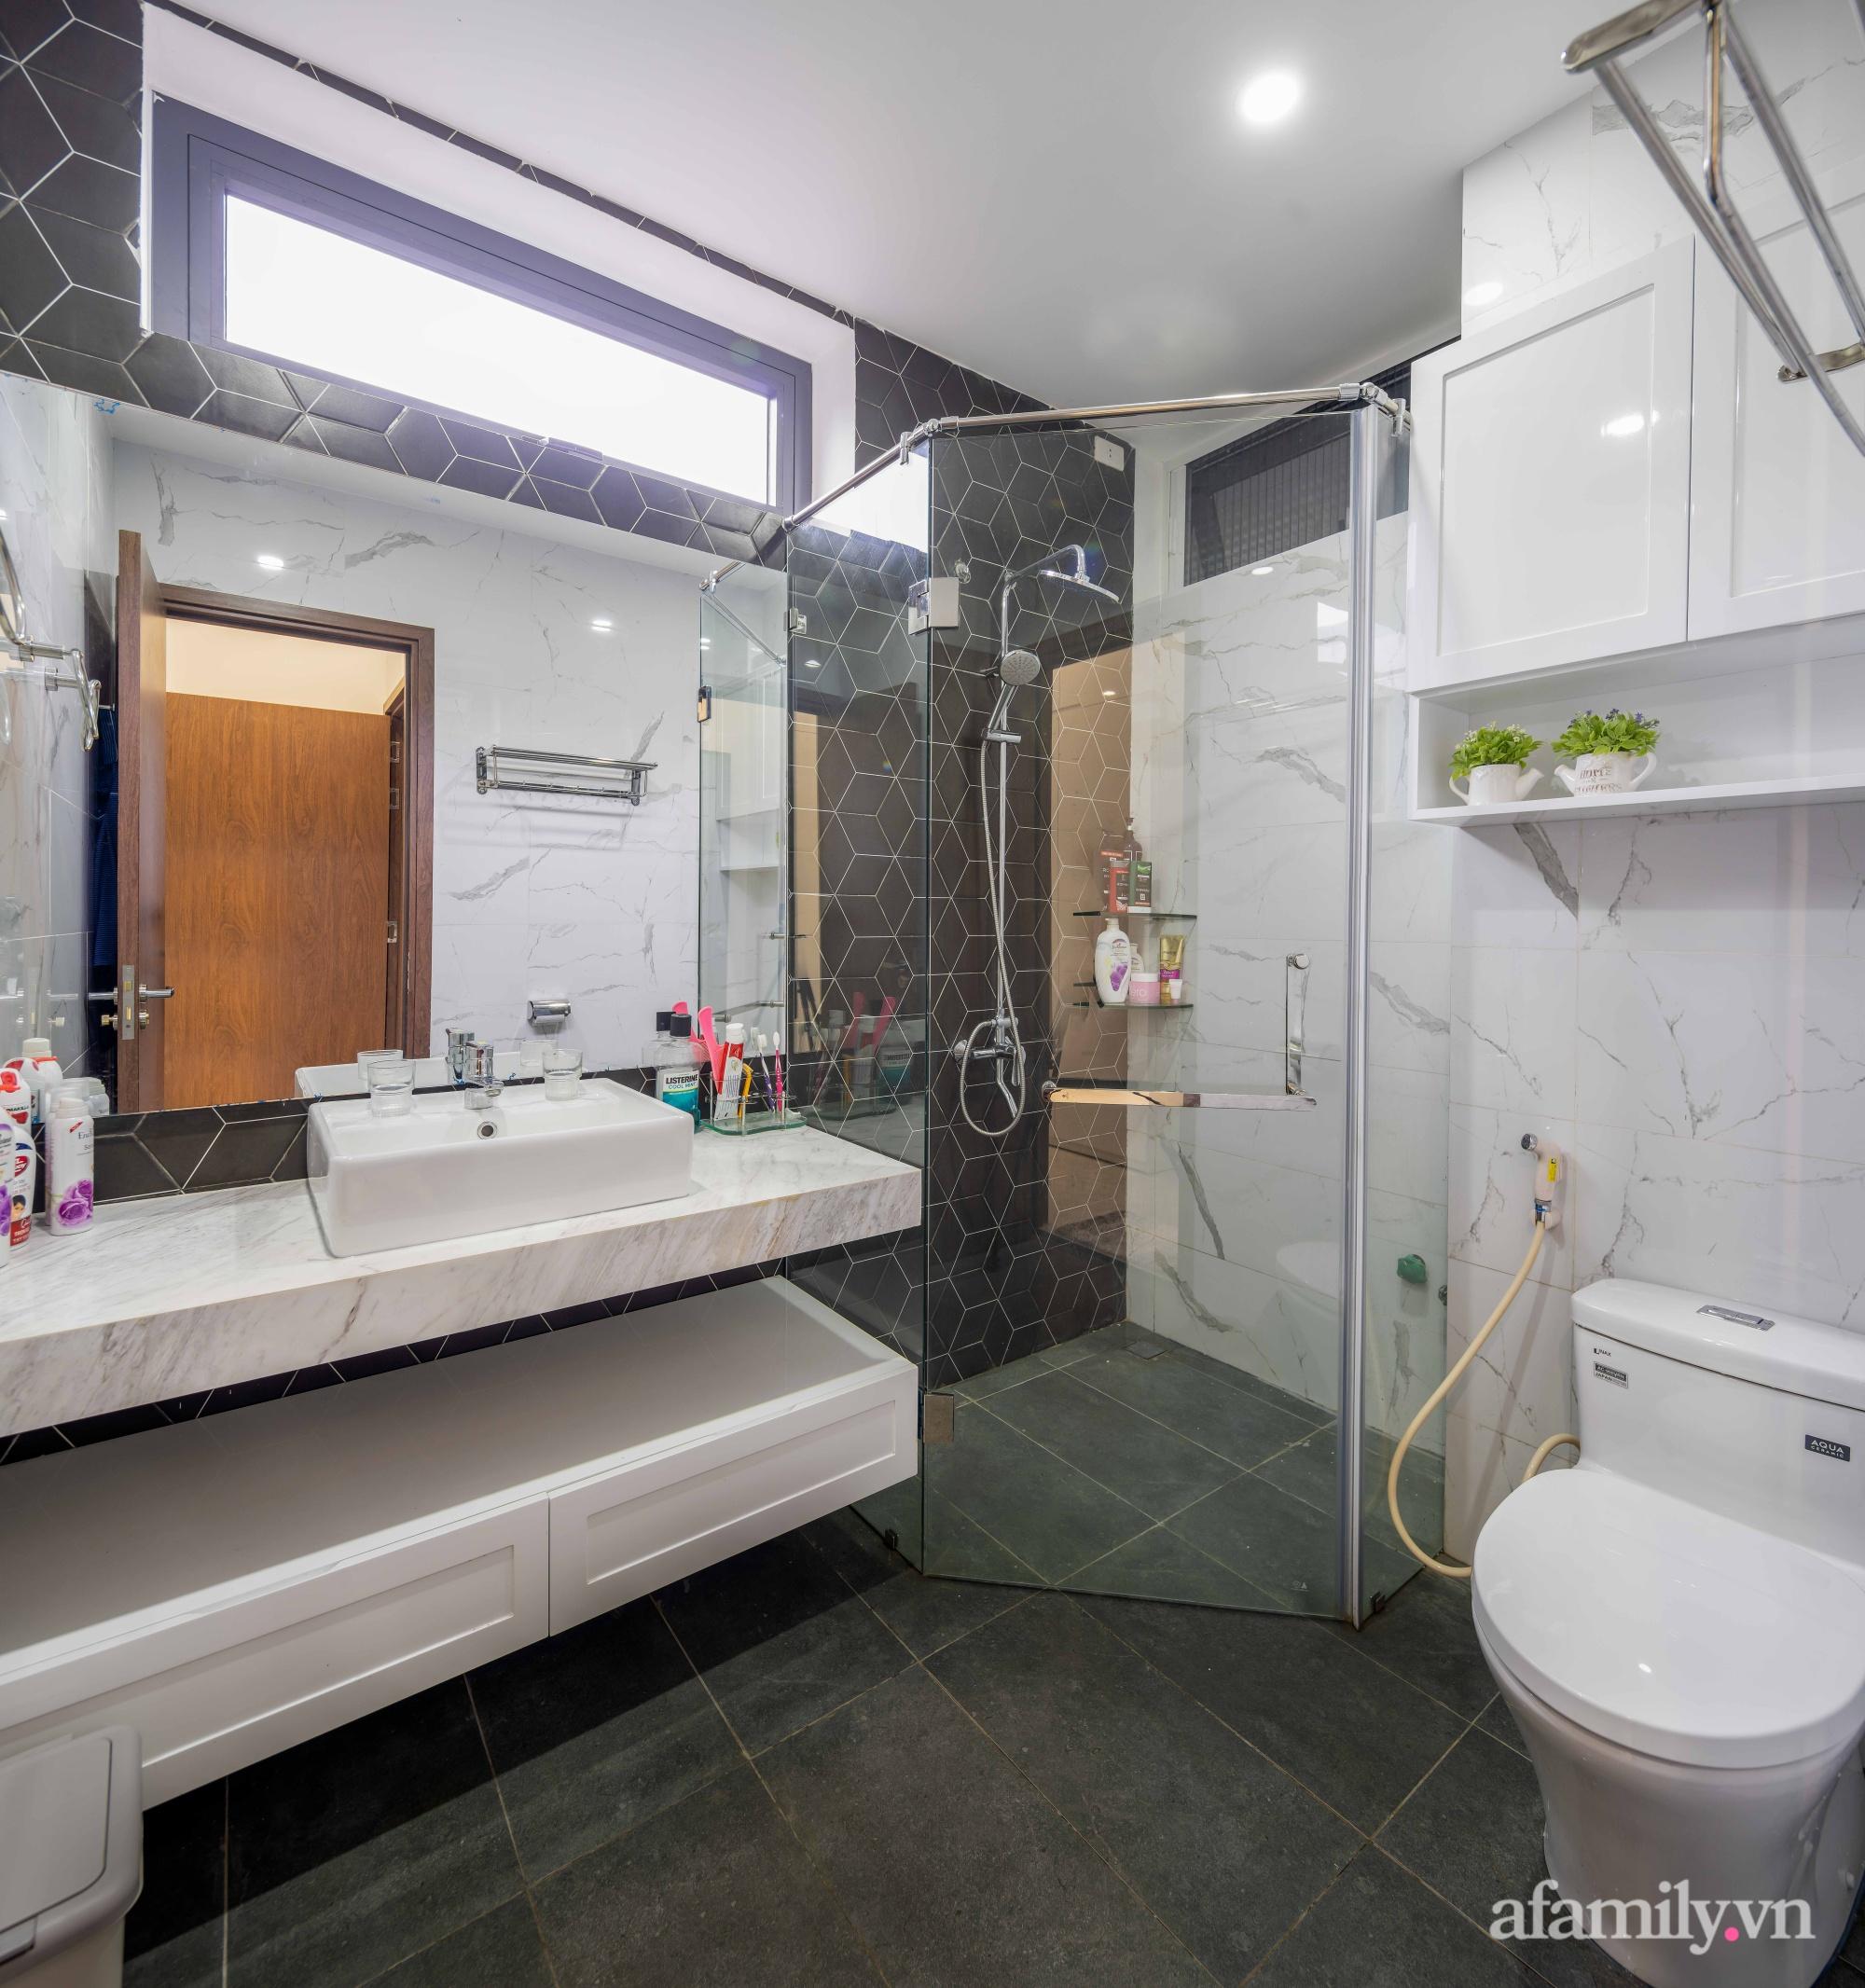 Nhà trong hẻm nhỏ vẫn ngập tràn ánh sáng, duyên dáng với nội thất tối giản ở Đà Nẵng - Ảnh 26.